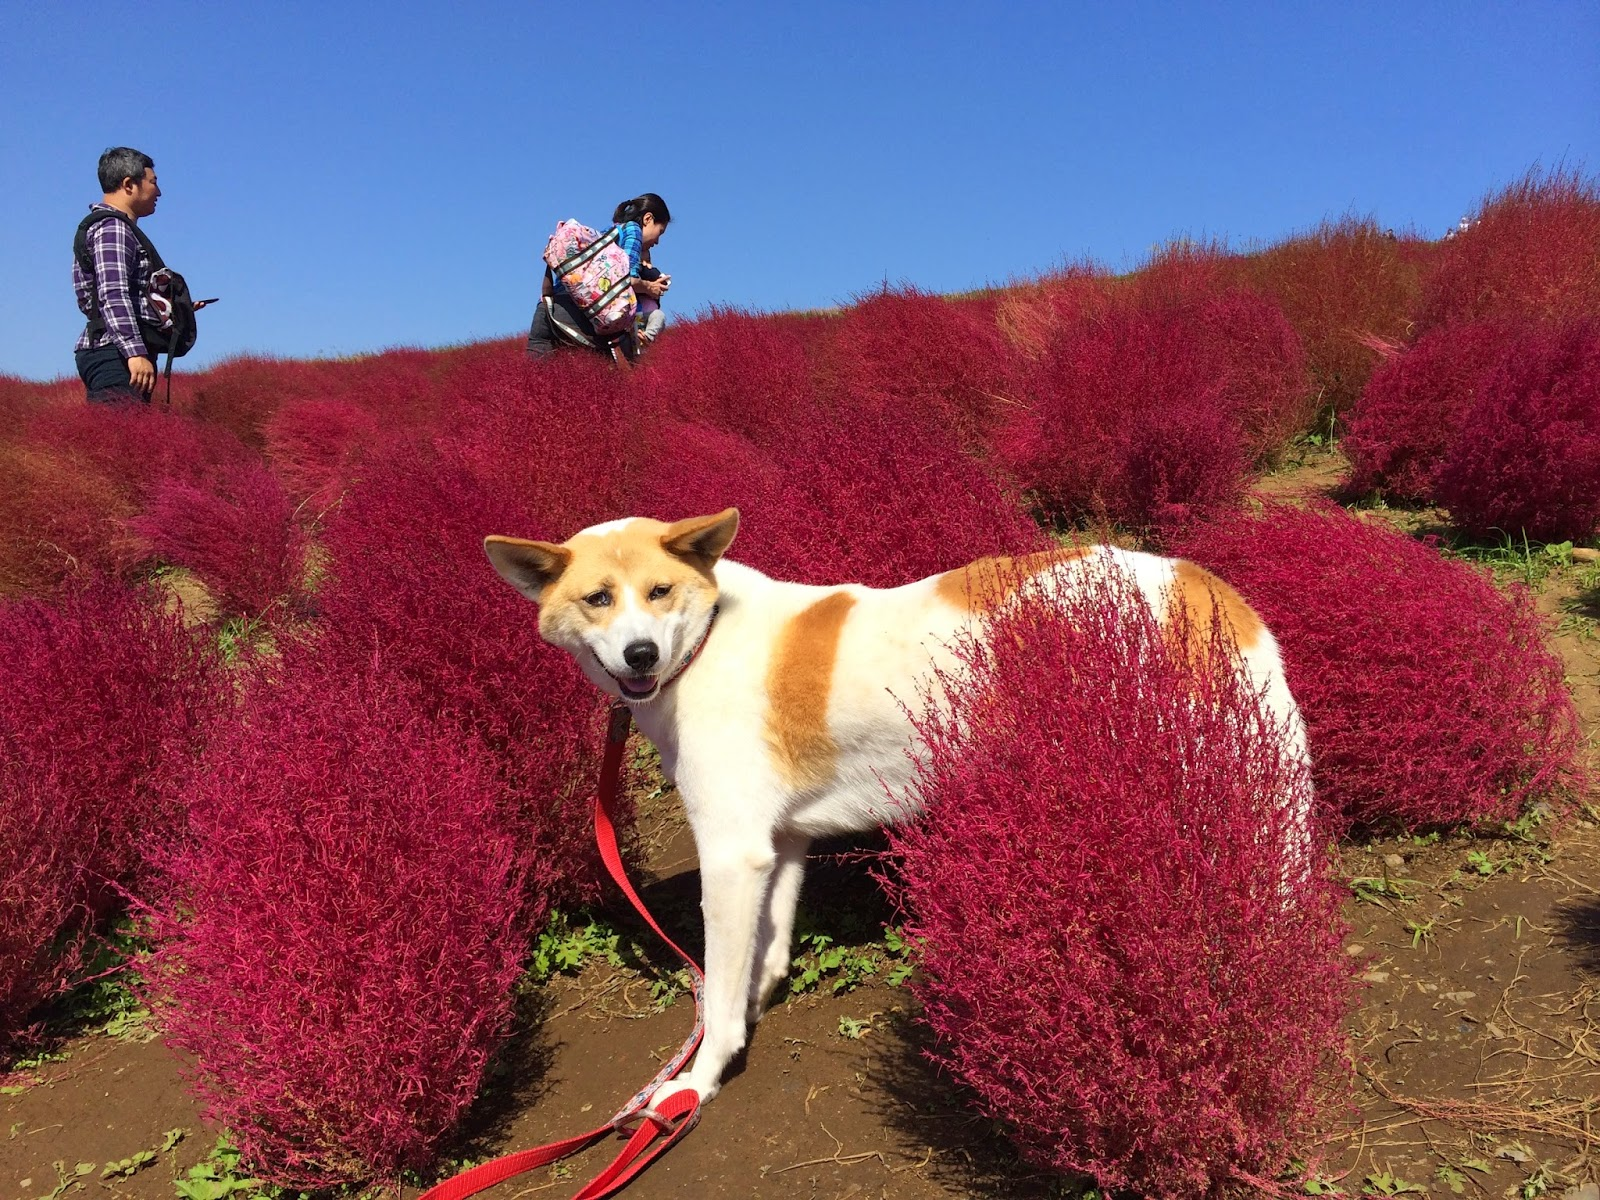 Red bush Kochia Bassia scoparia (syn. Kochia scoparia) Hitachi Seaside park kaihin kouen